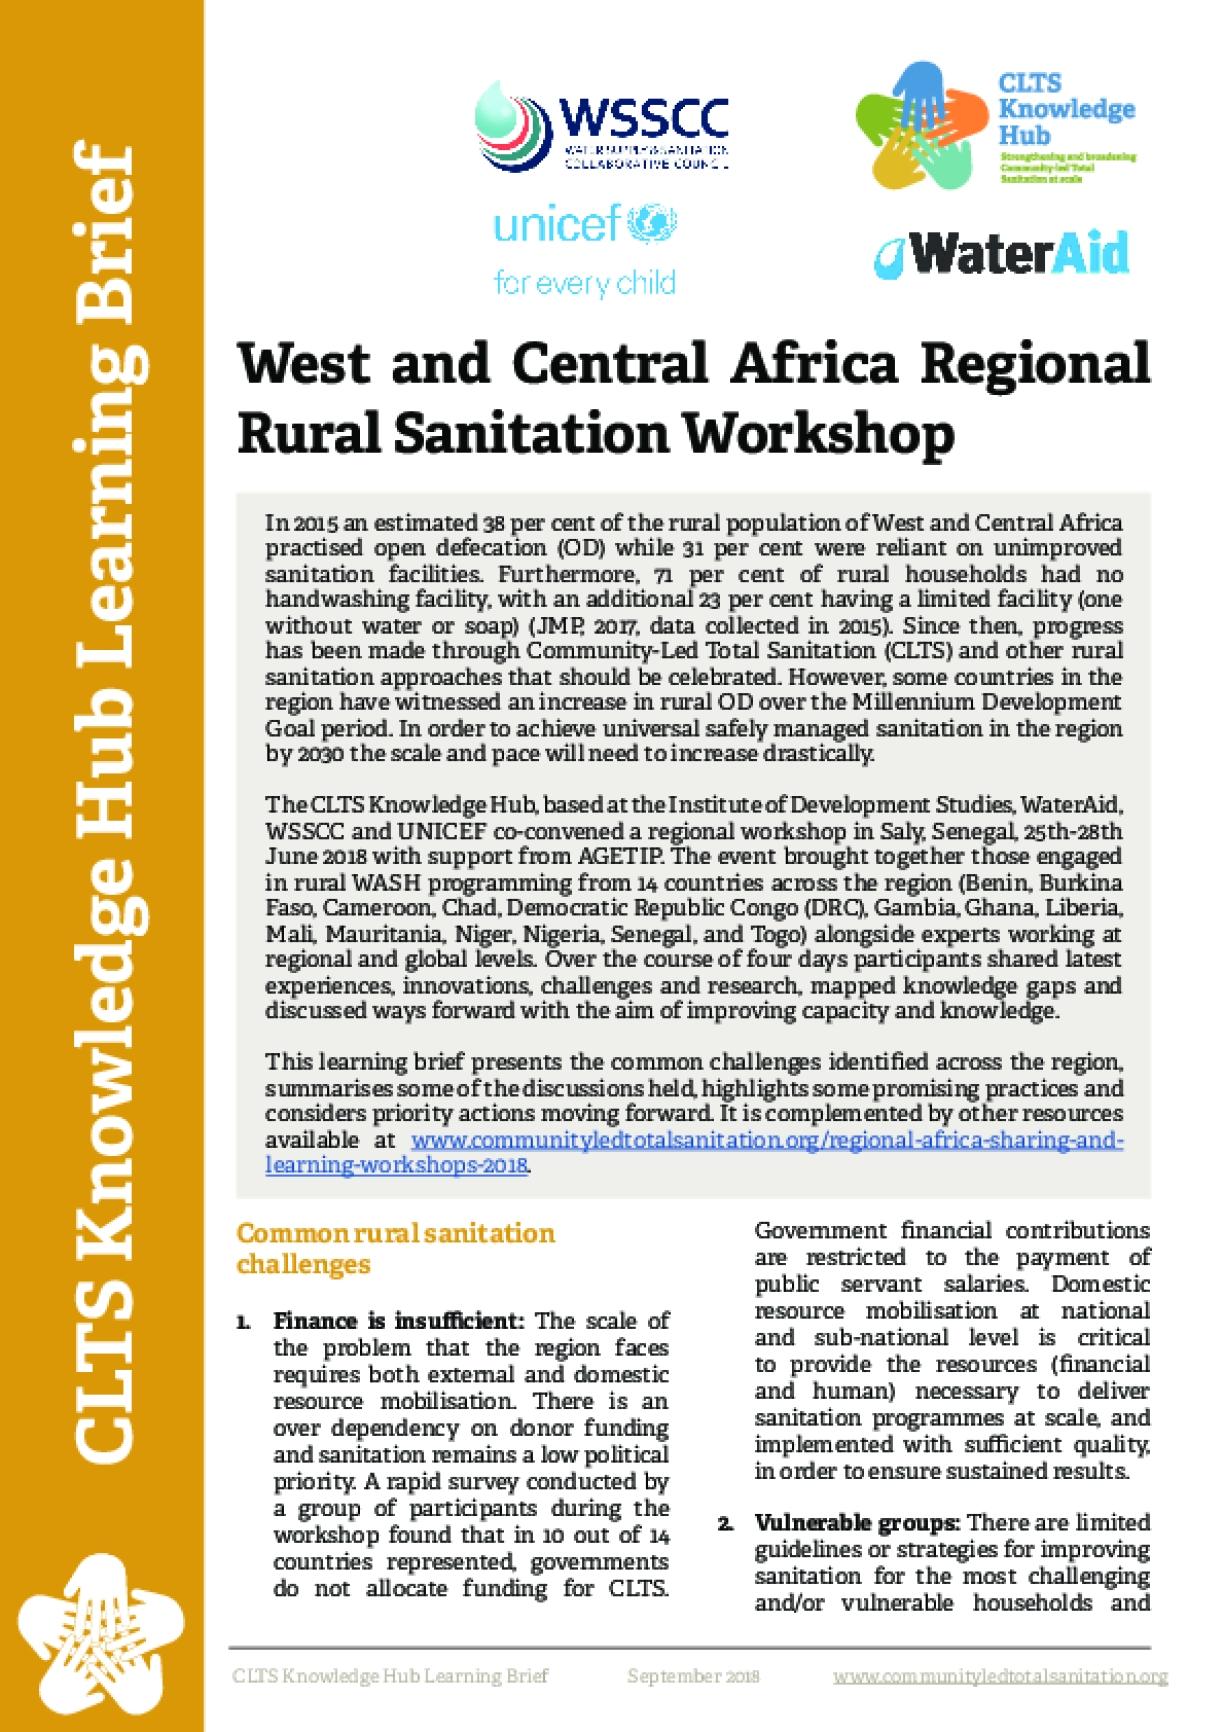 West and Central Africa Regional Rural Sanitation Workshop